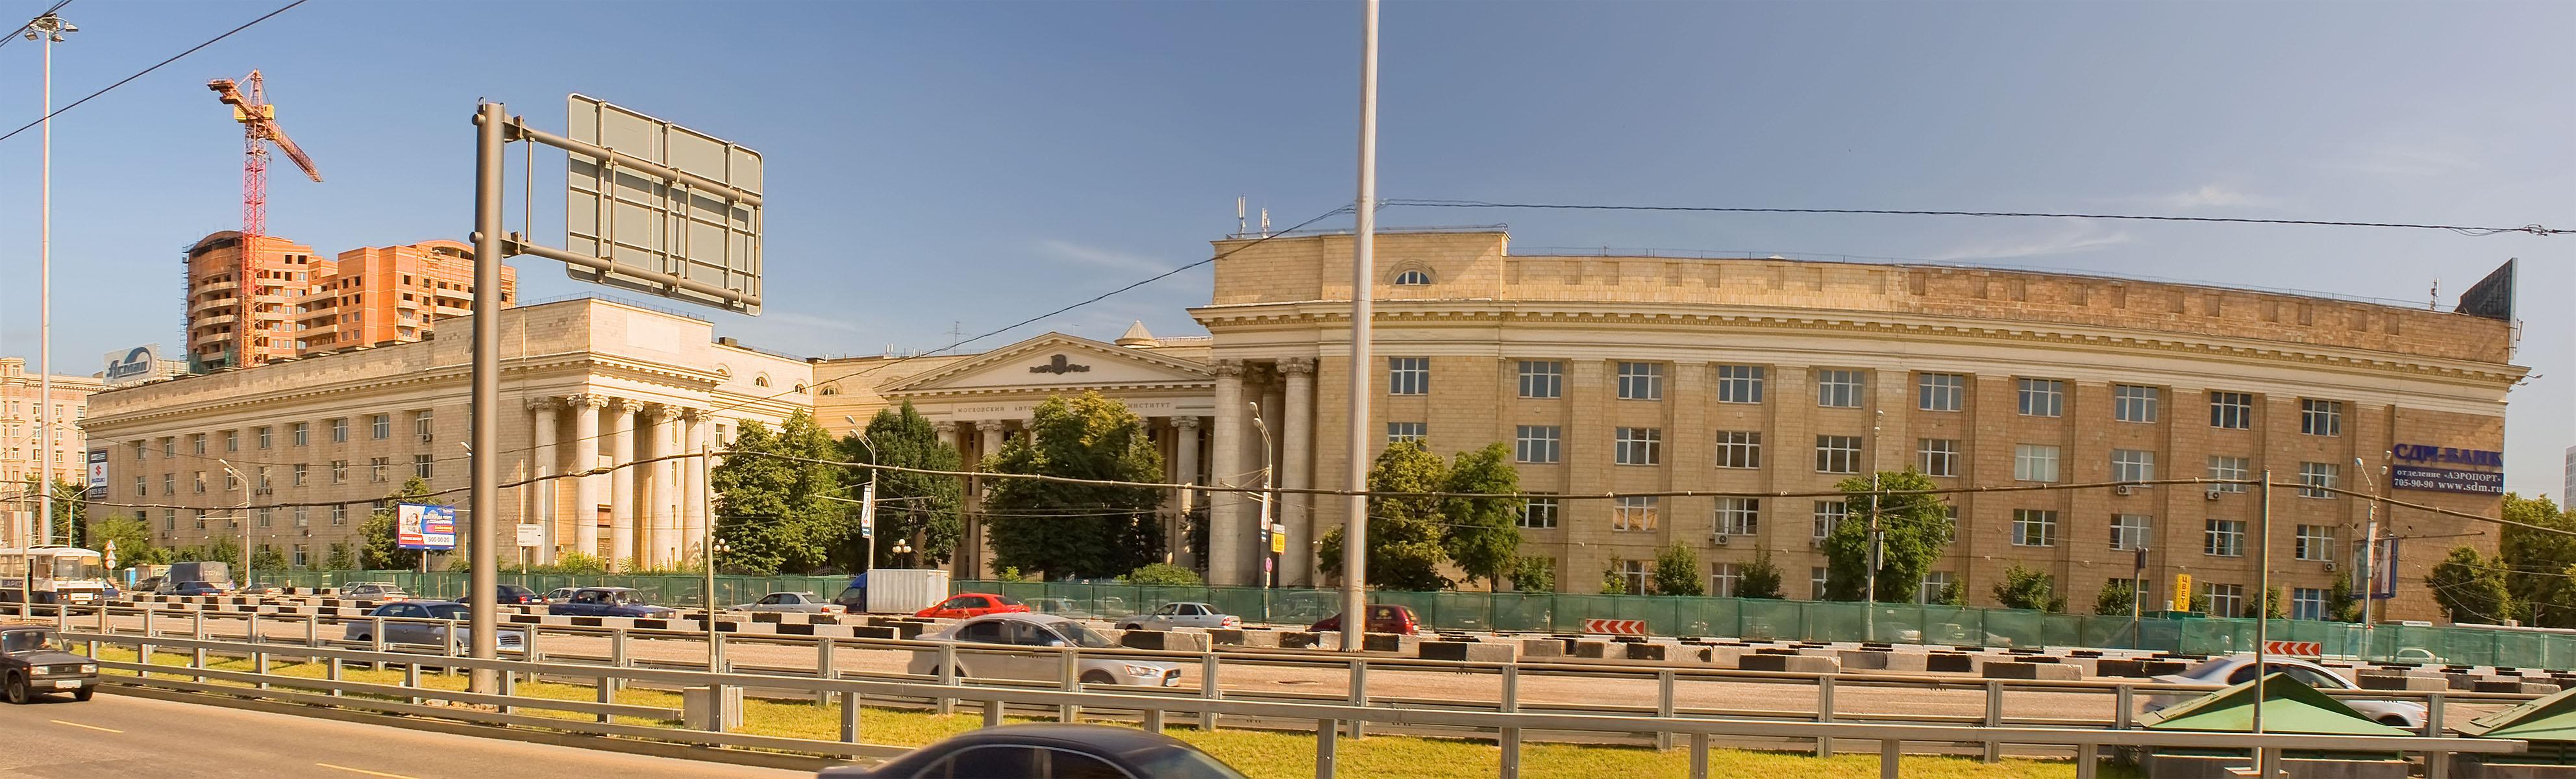 чаше московский автодорожный институт фотографии личной жизни сына